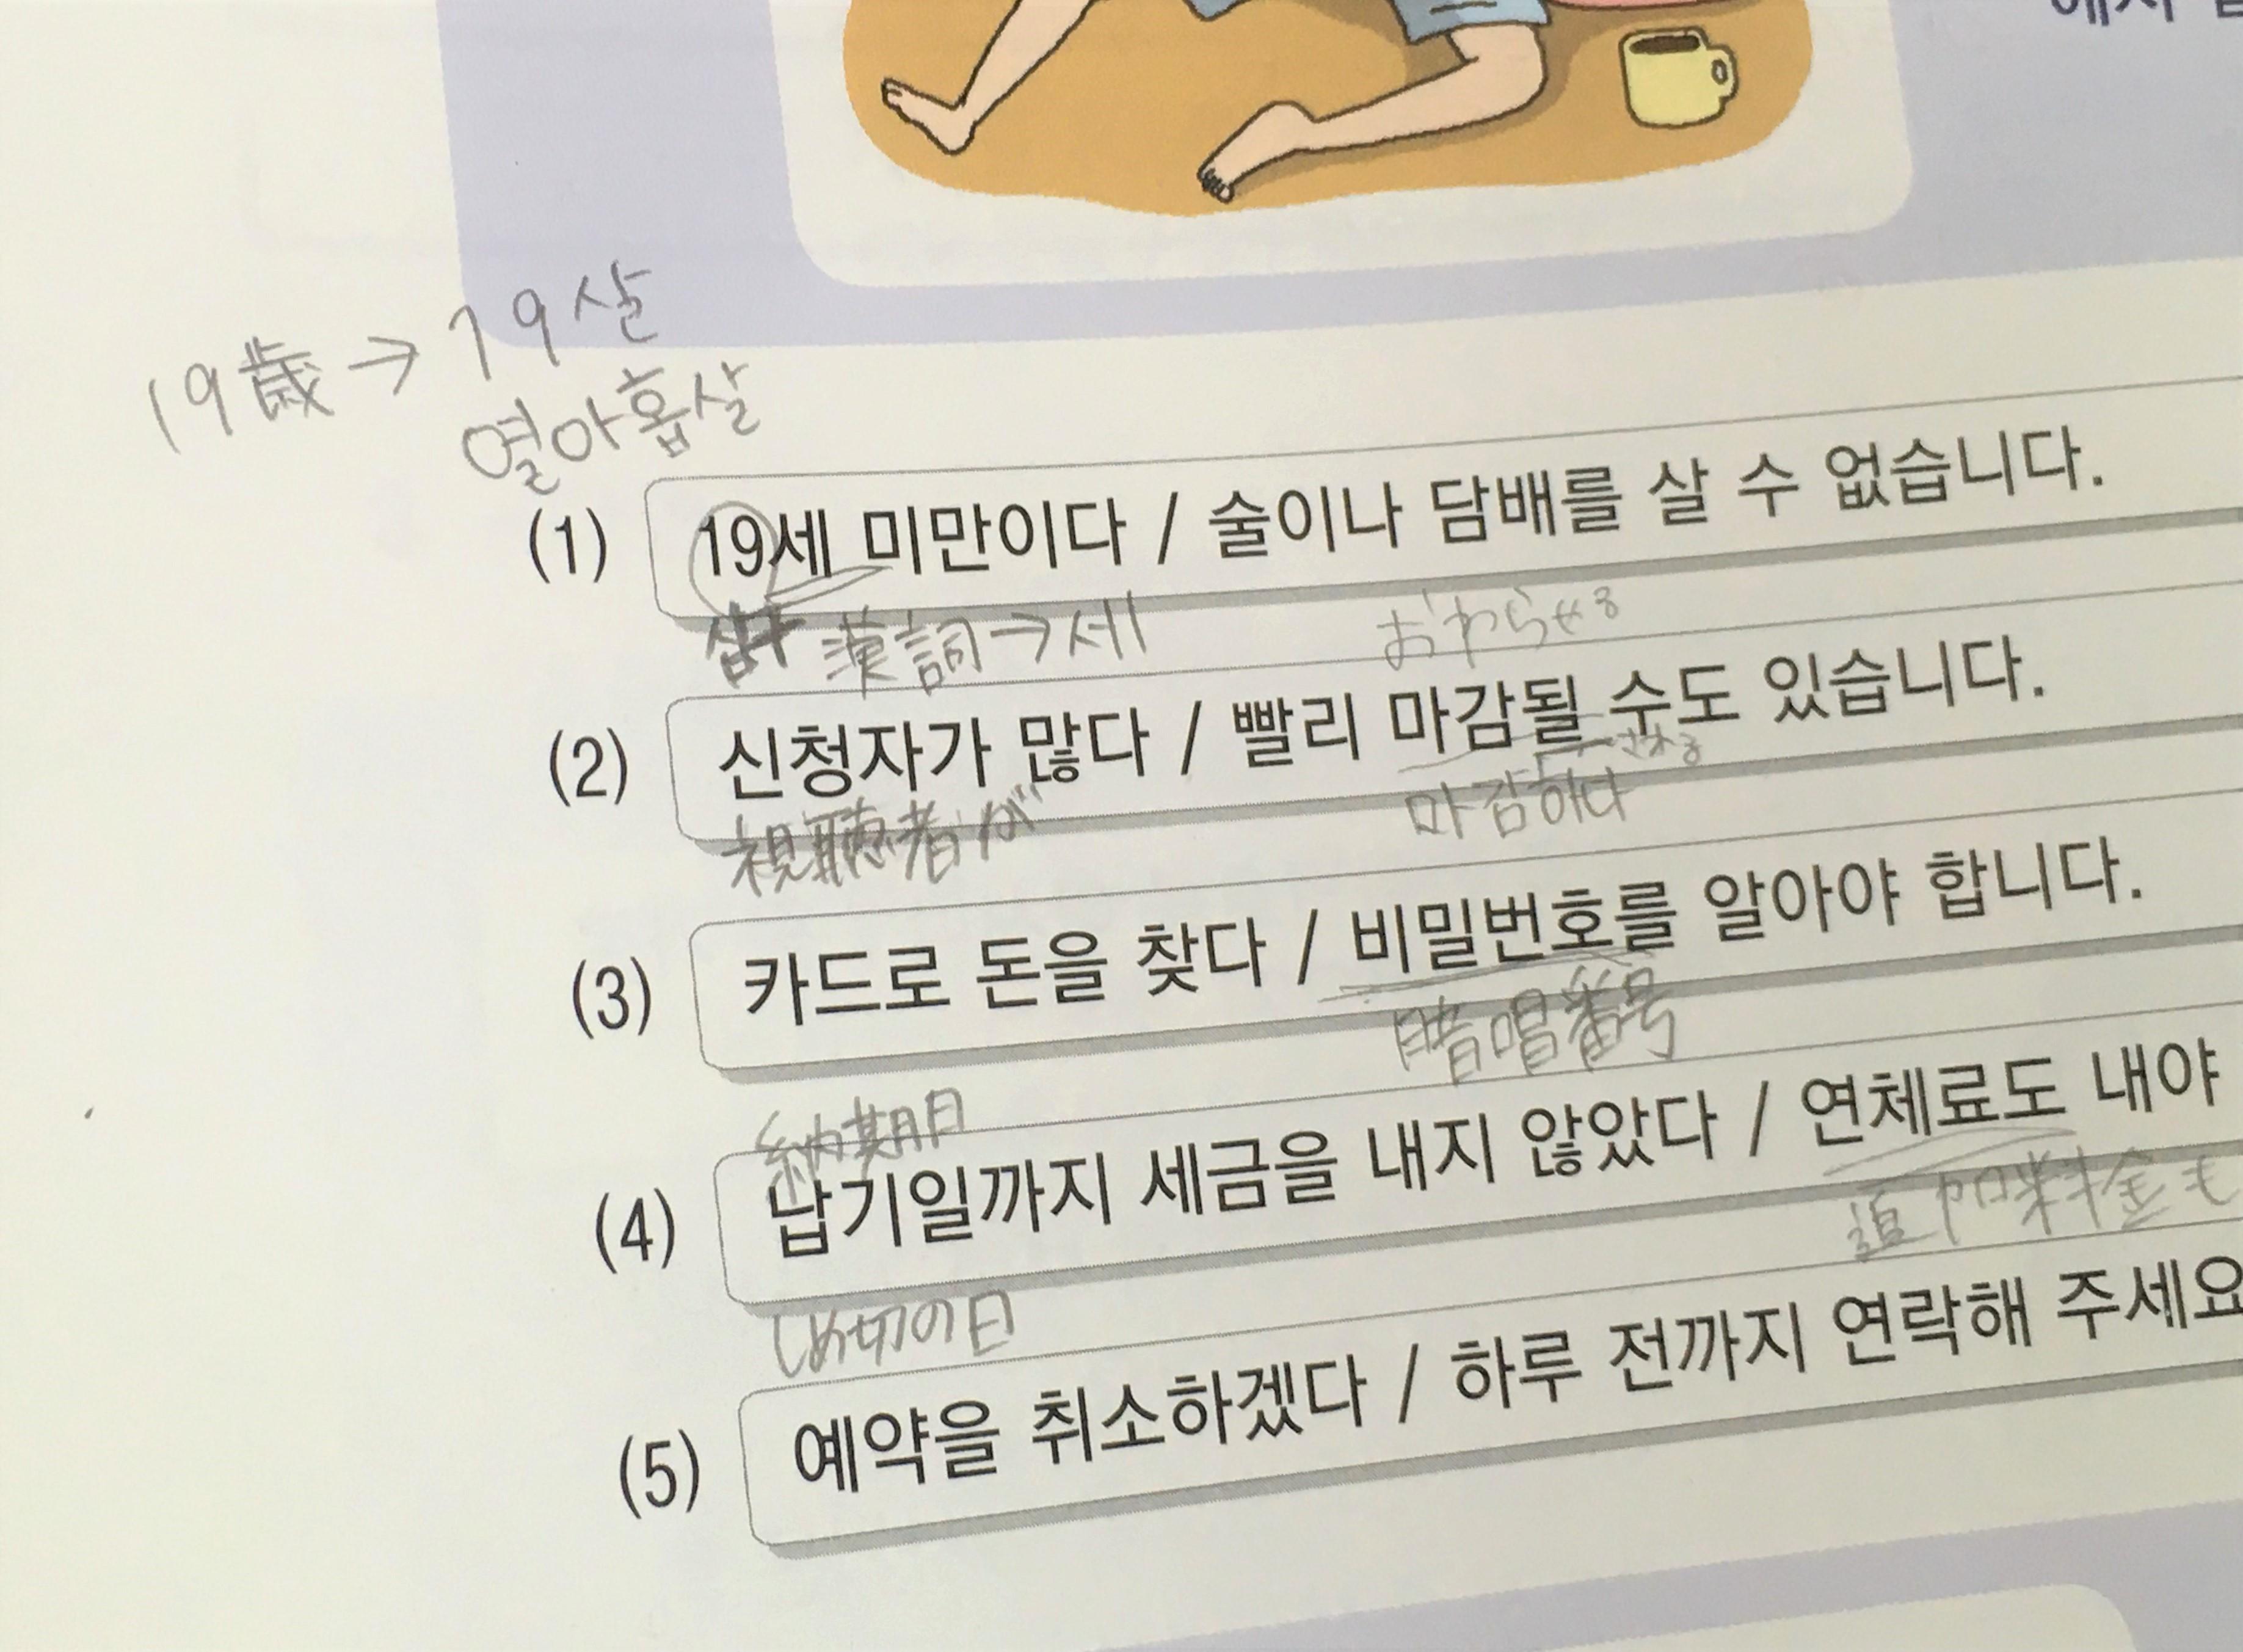 韓国 語 です ね すごい